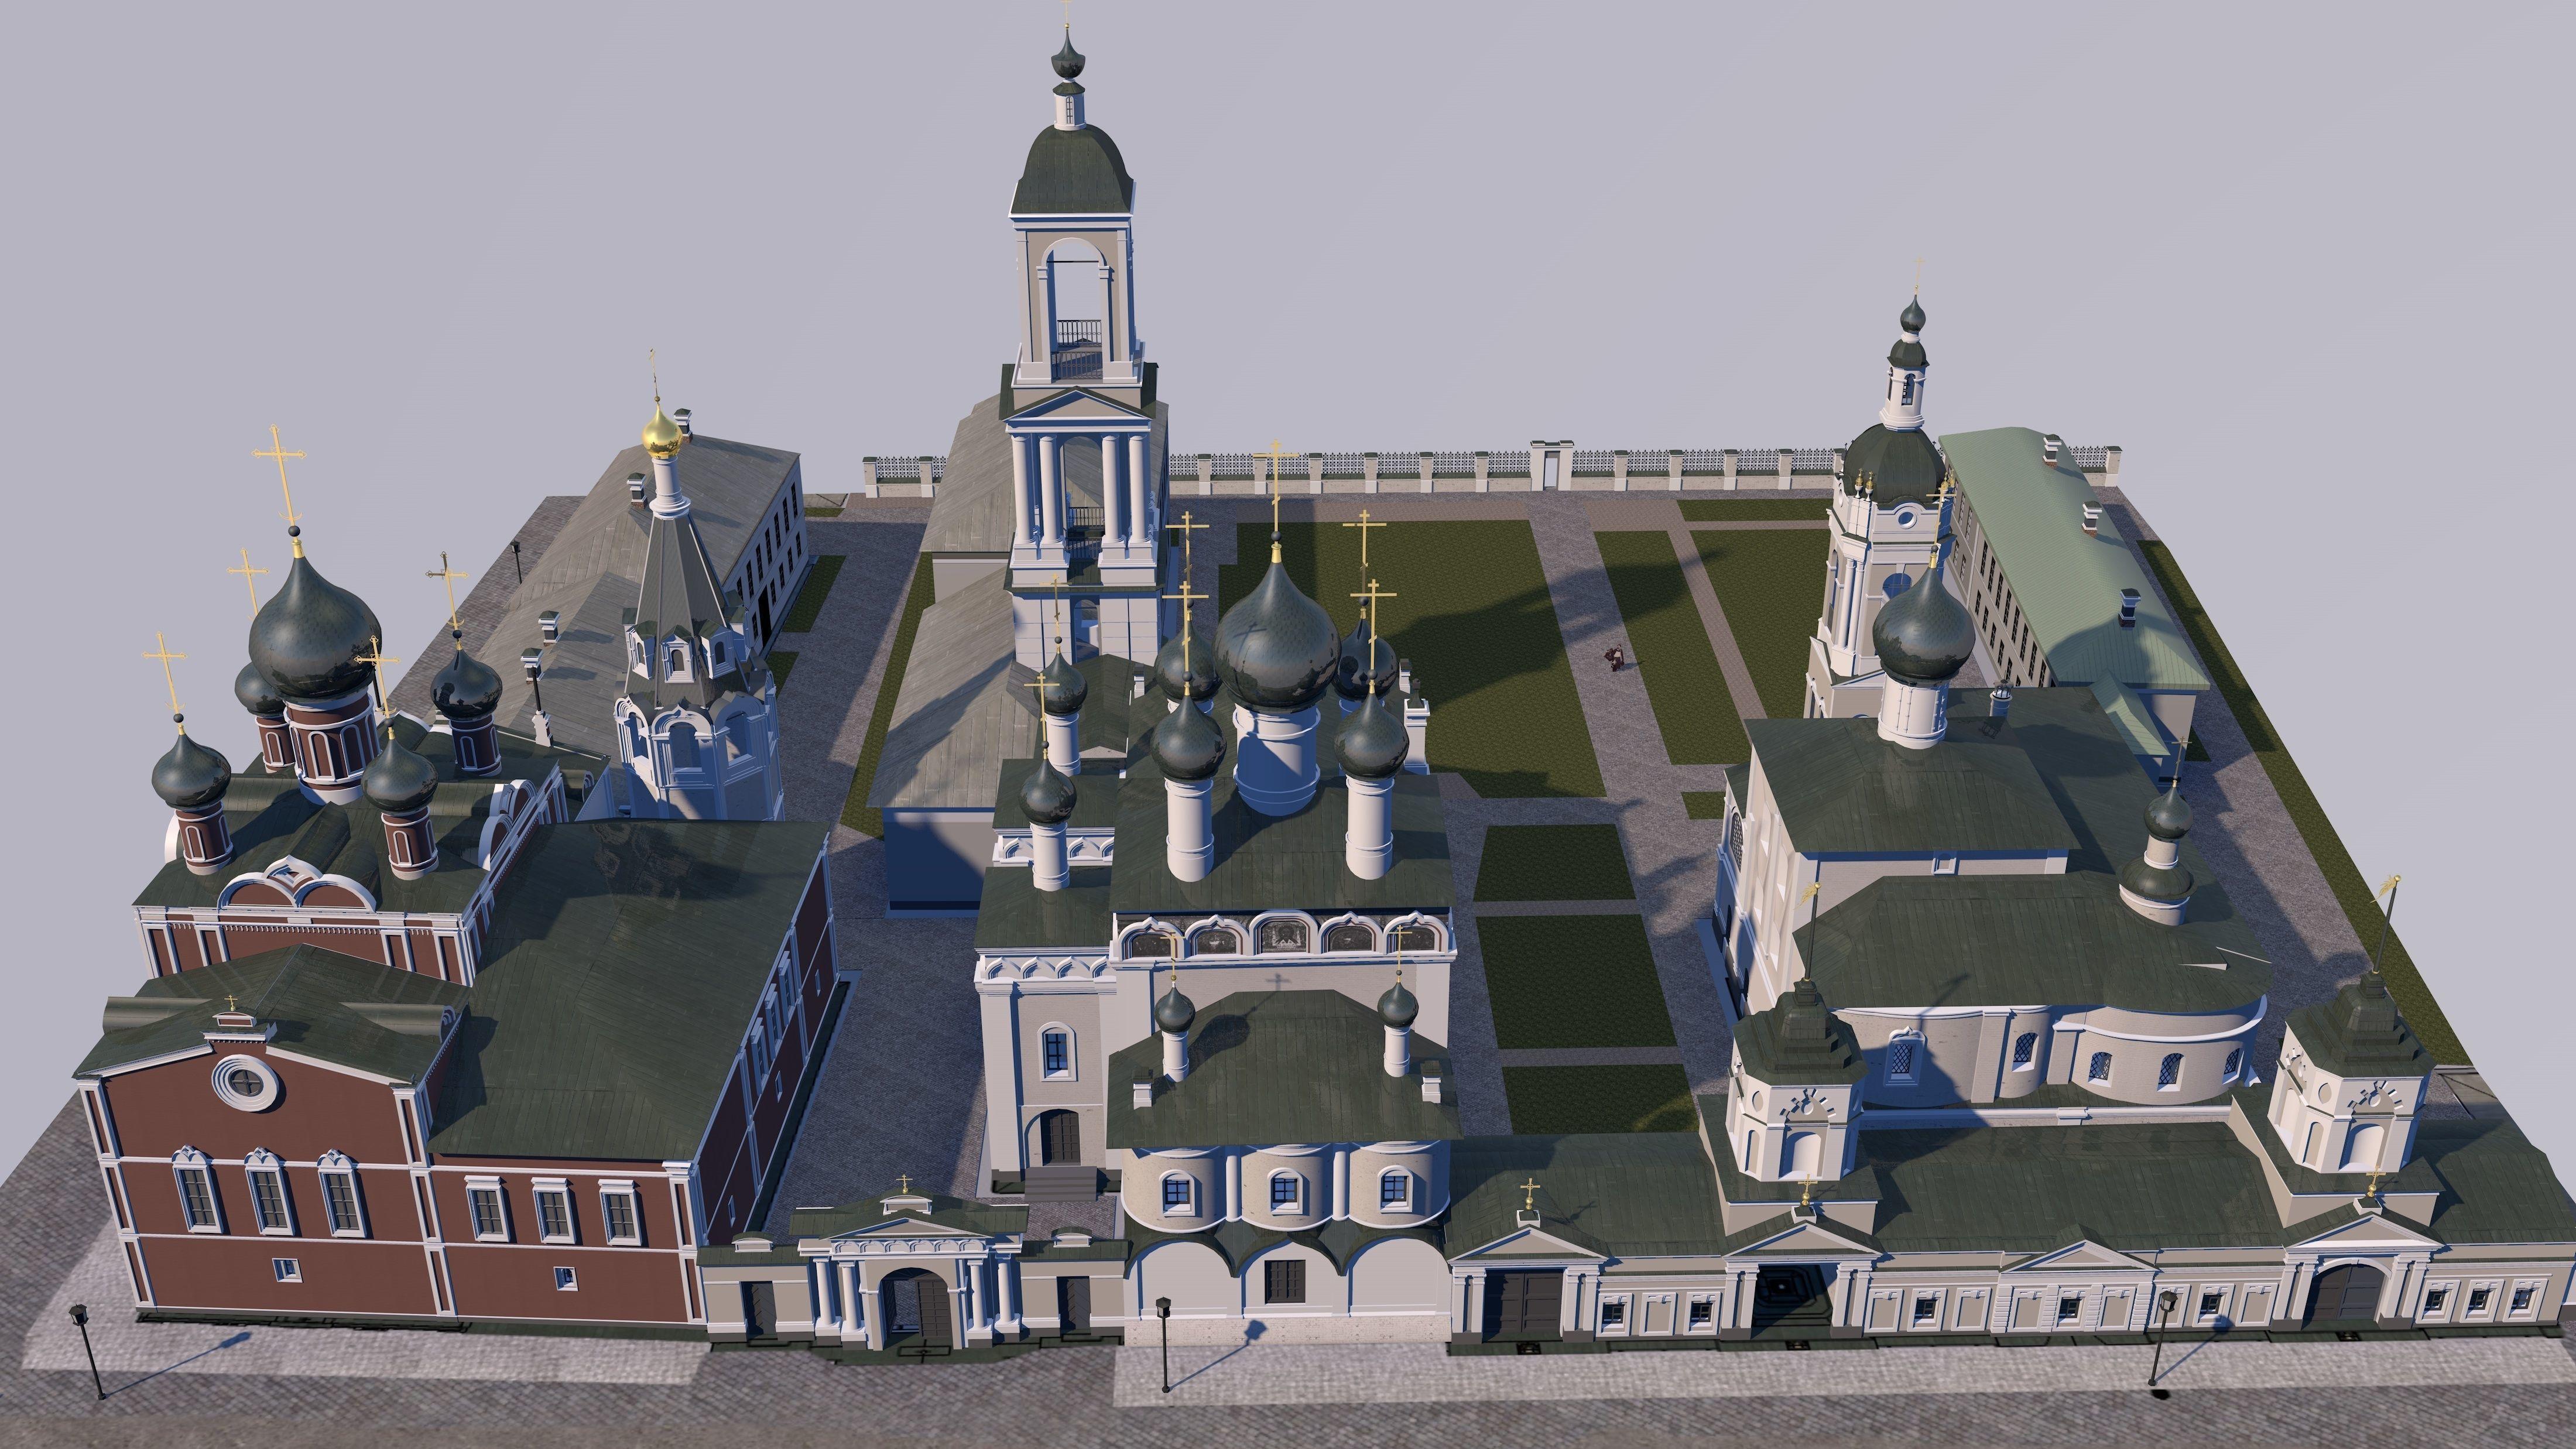 Cyril-Athanasievsky monastery